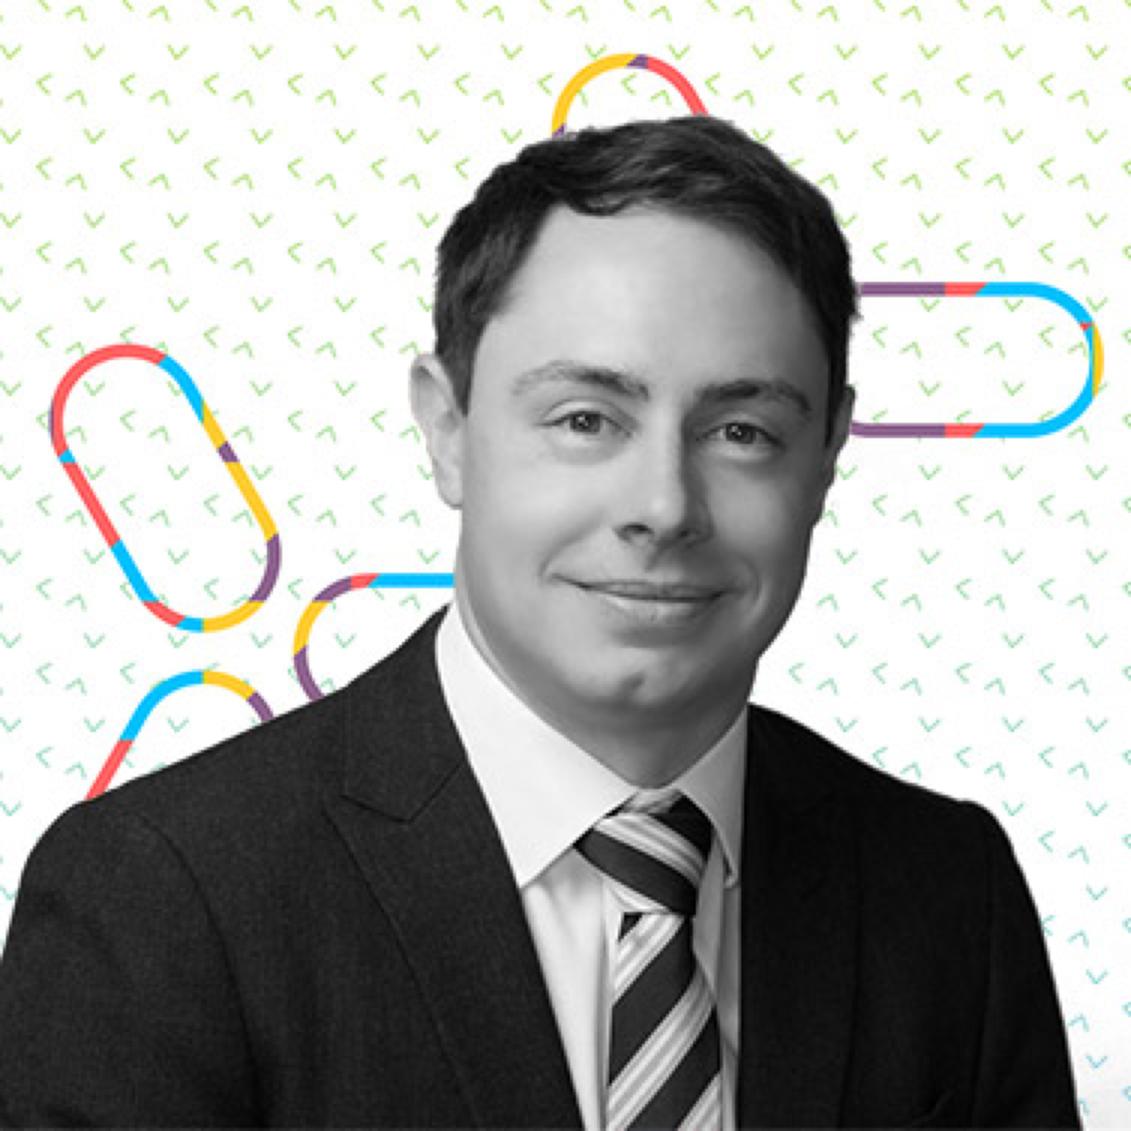 Matt Barton, CTO of Embark Vet